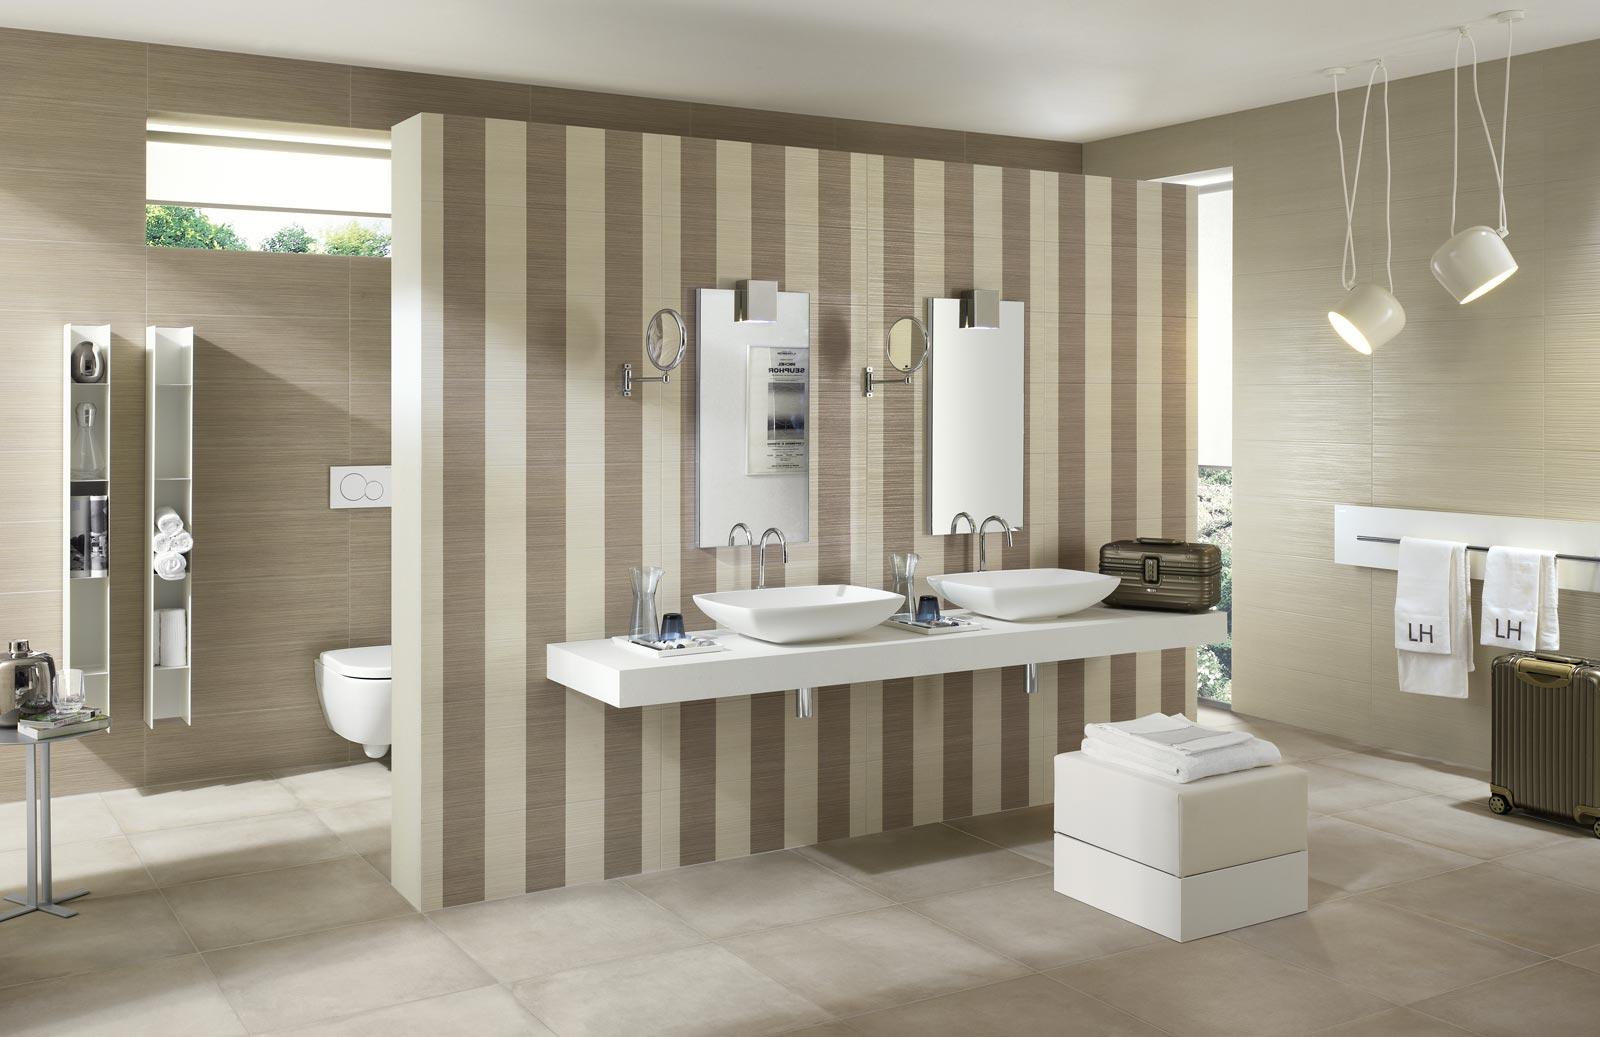 Collezione wallpaper rivestimenti classici per il bagno - Ragno ceramiche bagno ...